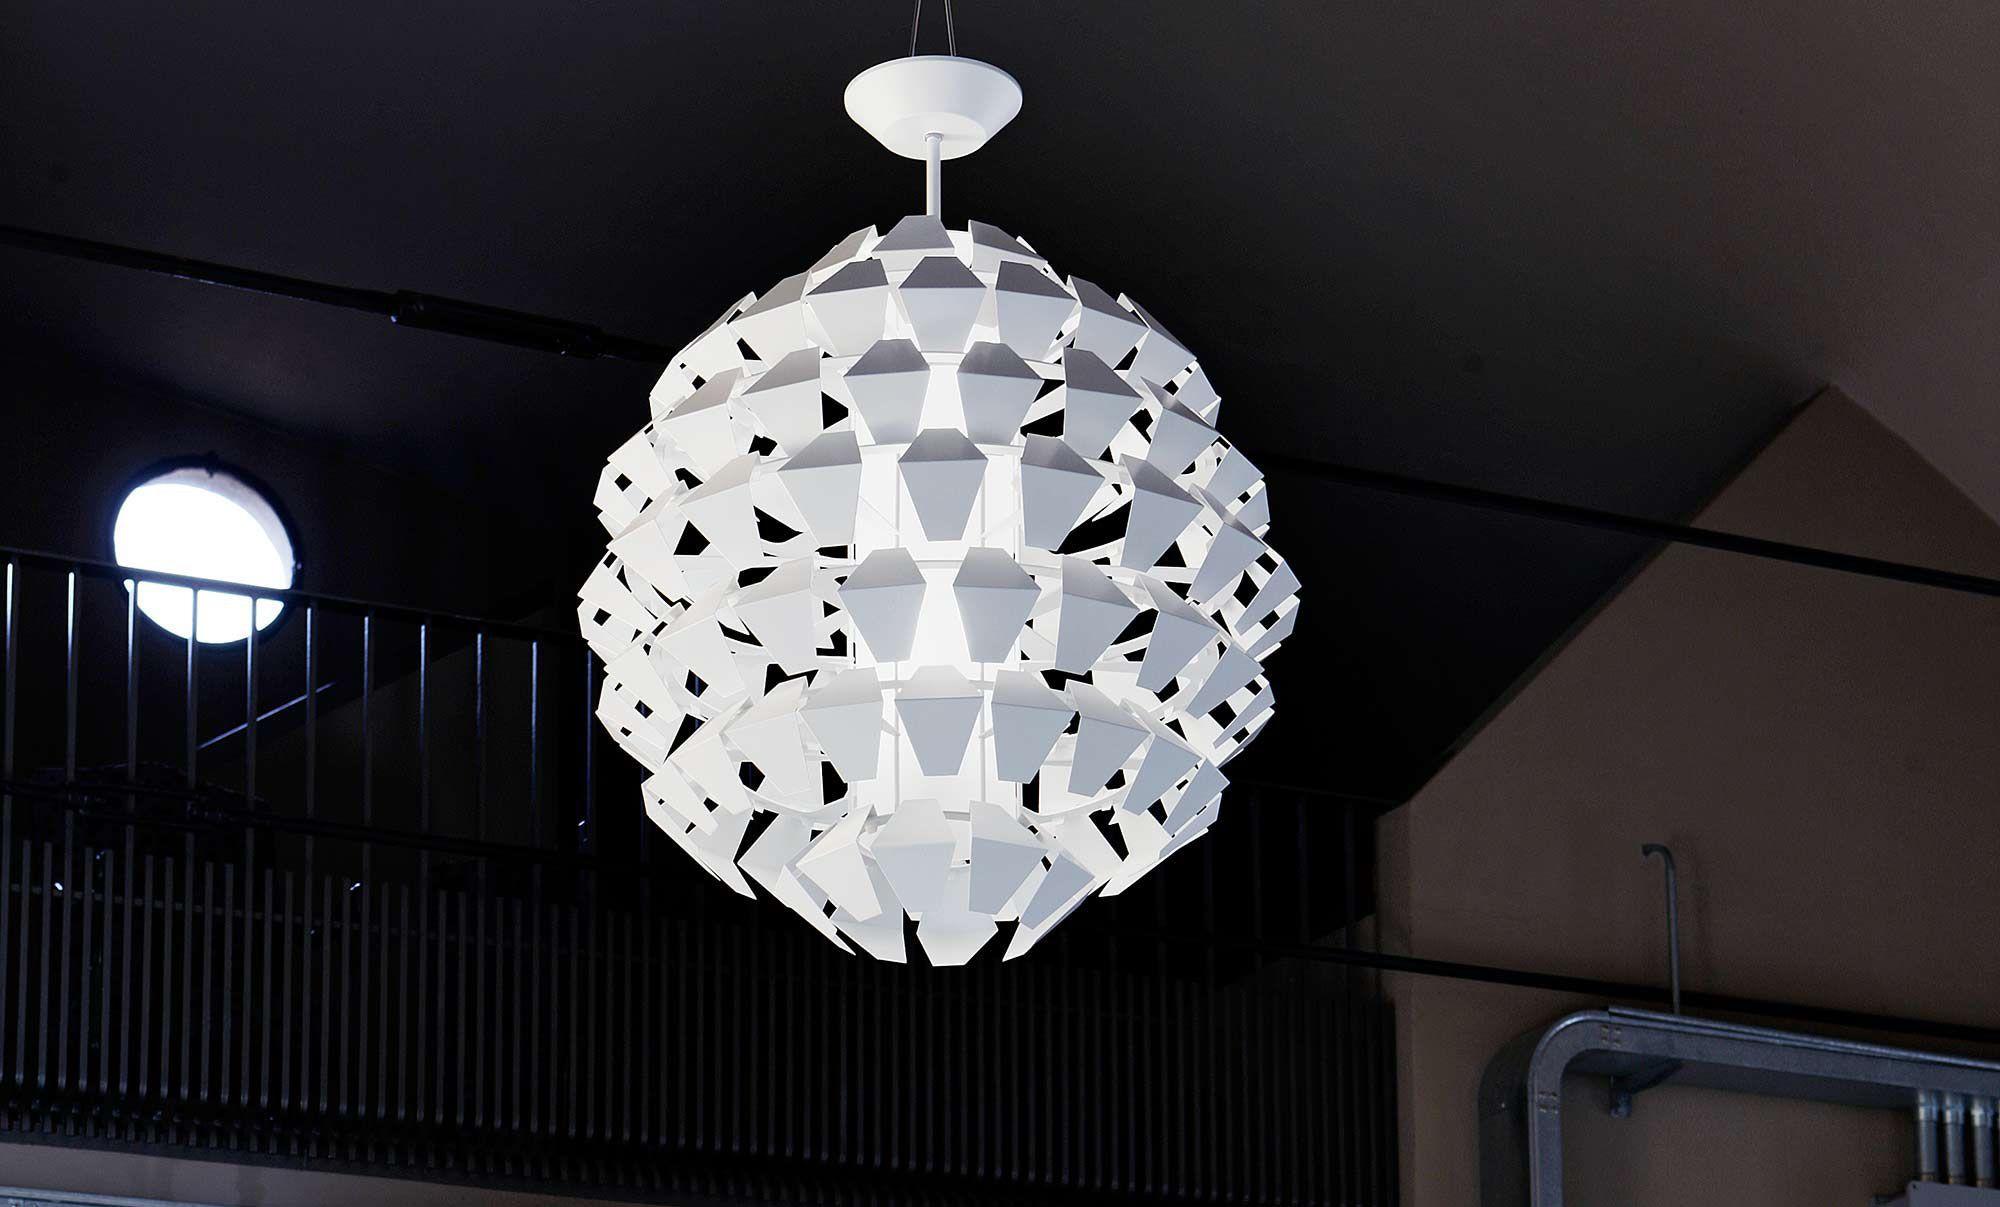 Lampade A Sospensione Design : Lampada a sospensione design originale in metallo verniciato